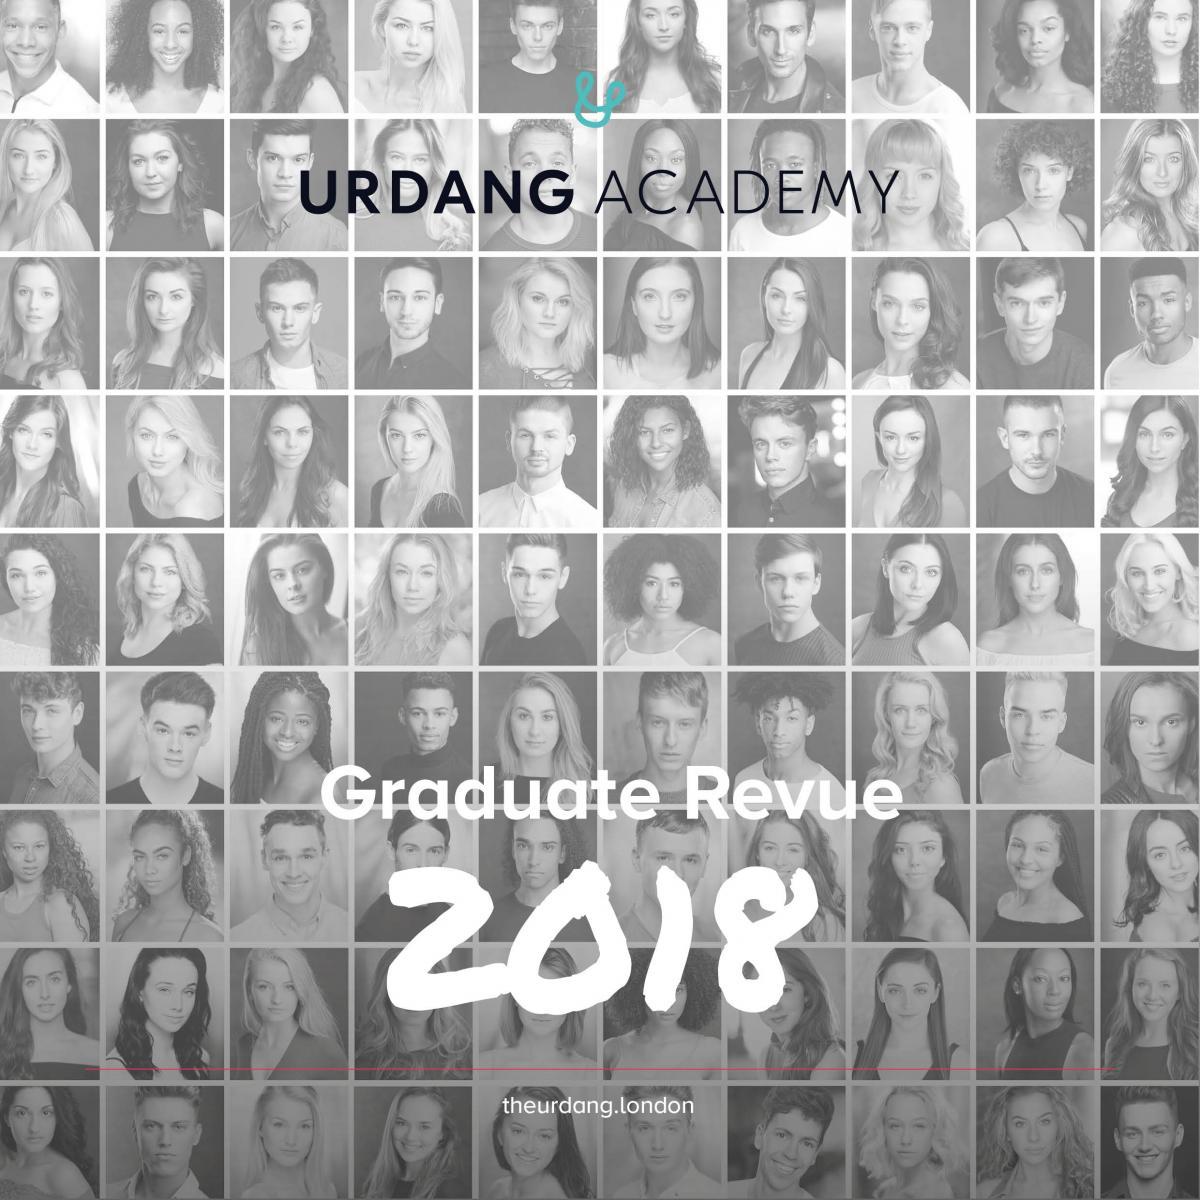 Urdang Graduate Revue 2018